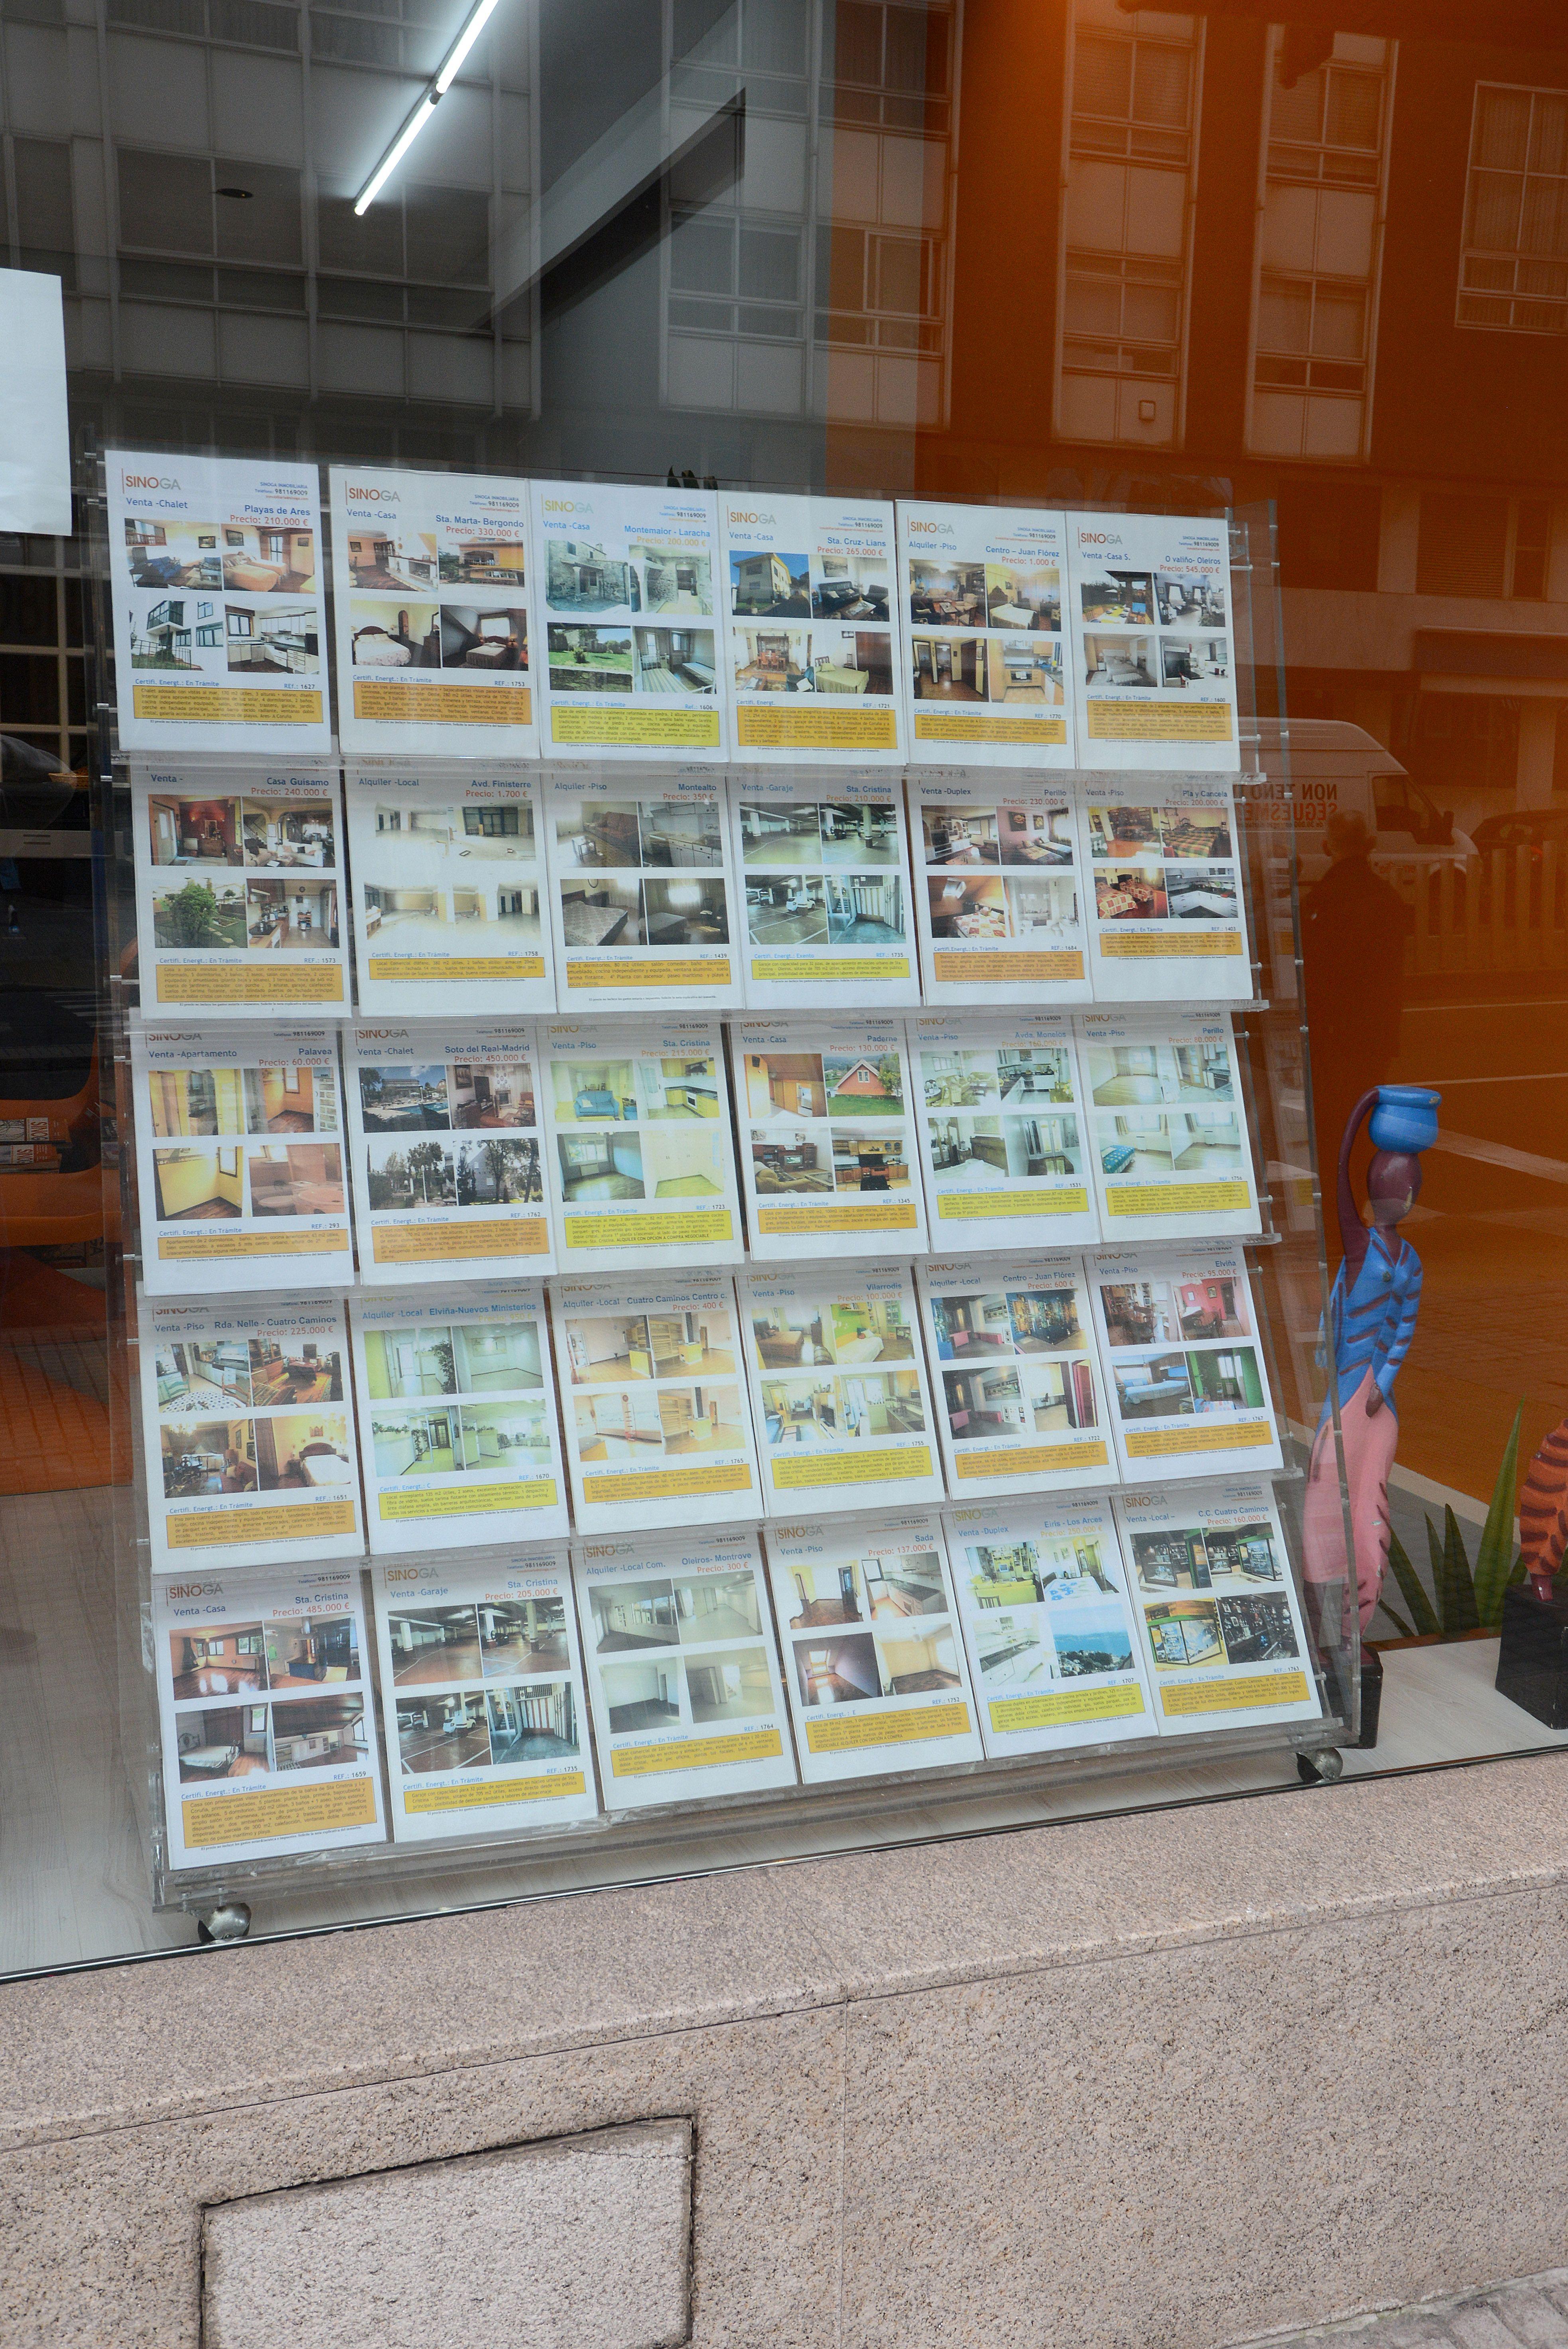 Inmobiliaria y administración de fincas en A Coruña